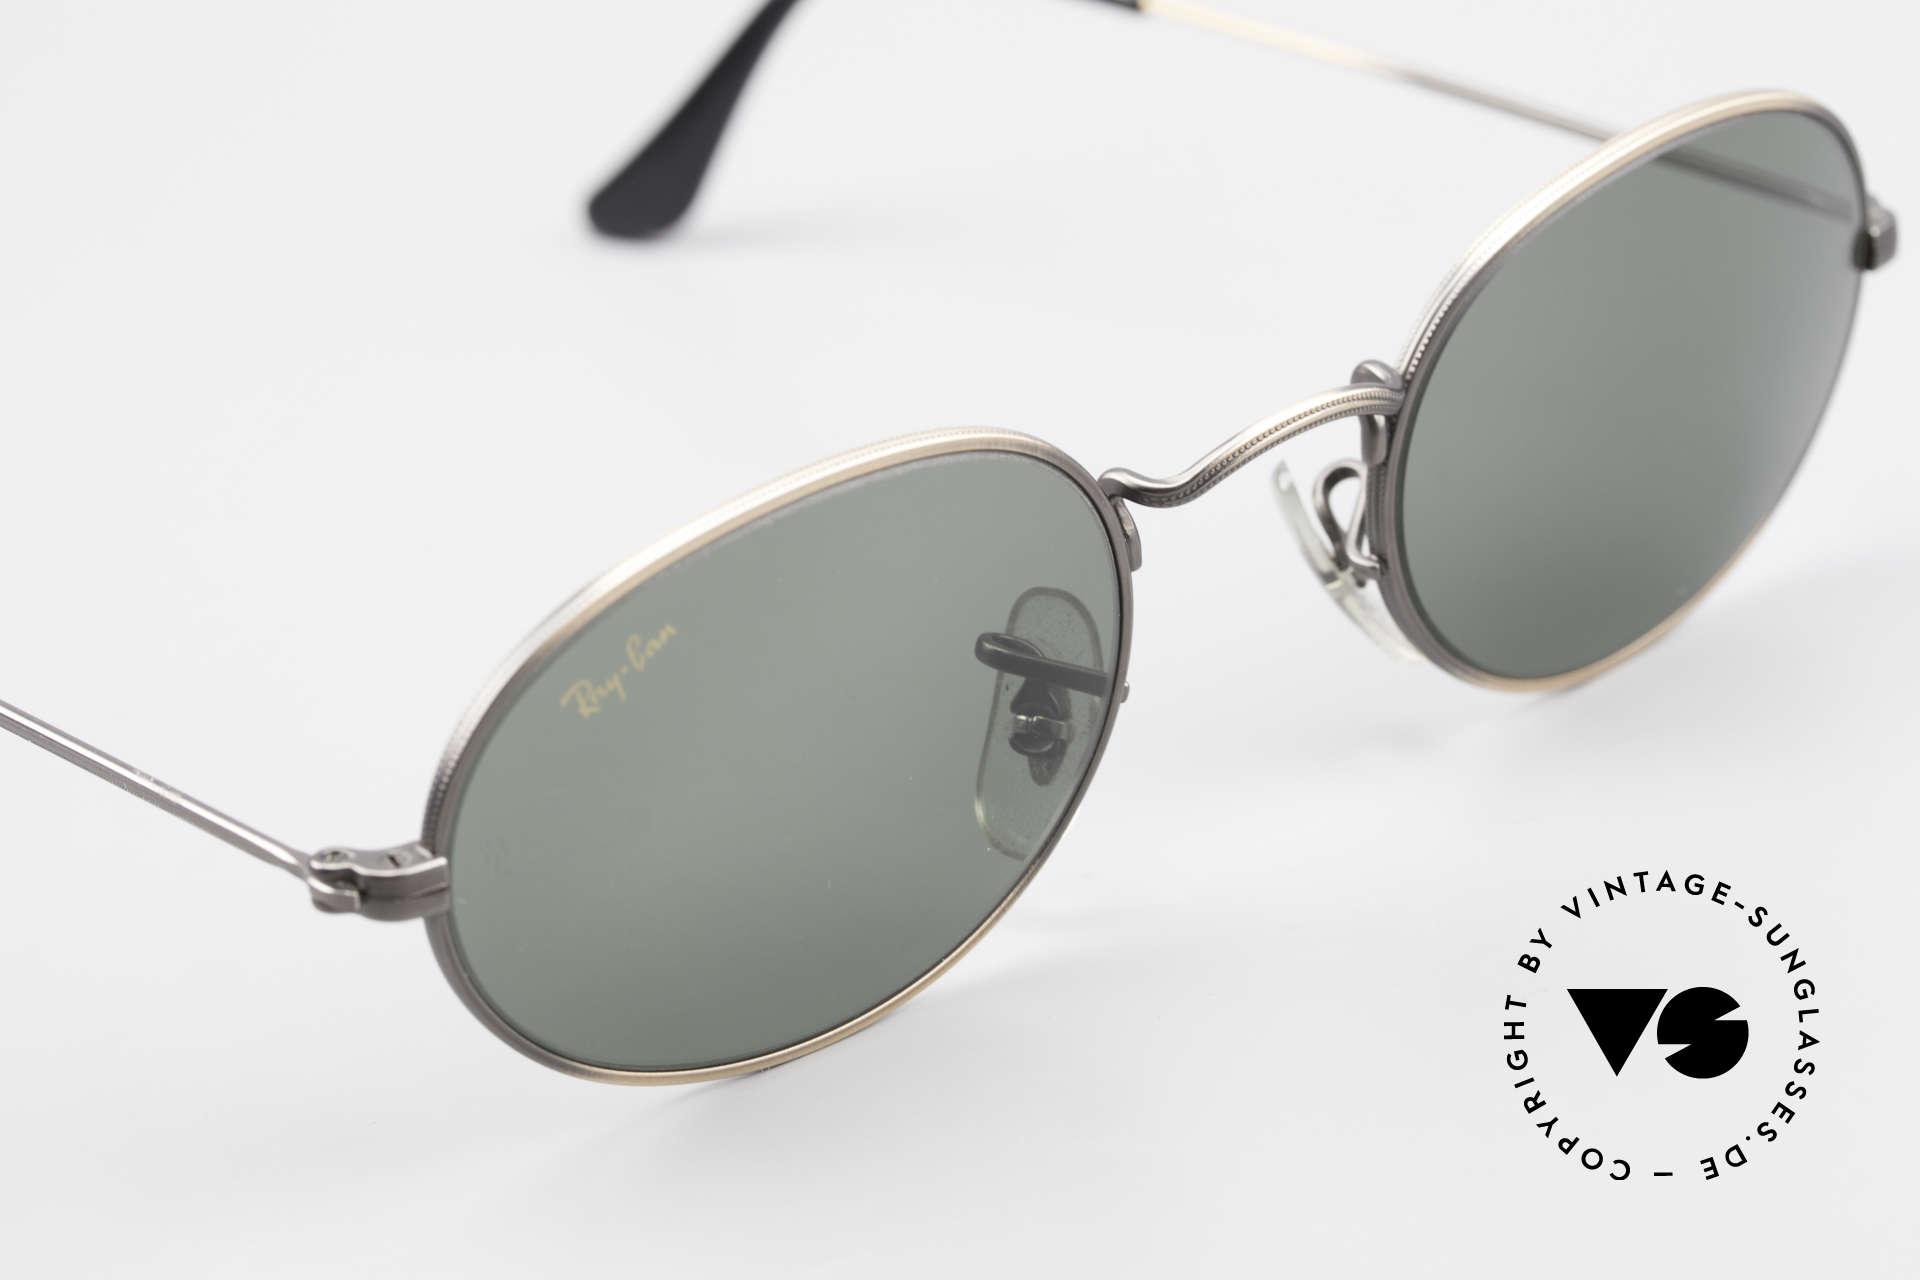 Ray Ban Classic Style I Ovale Ray-Ban Sonnenbrille, KEINE Retro-Sonnenbrille; ein 90er Jahre Original, Passend für Herren und Damen